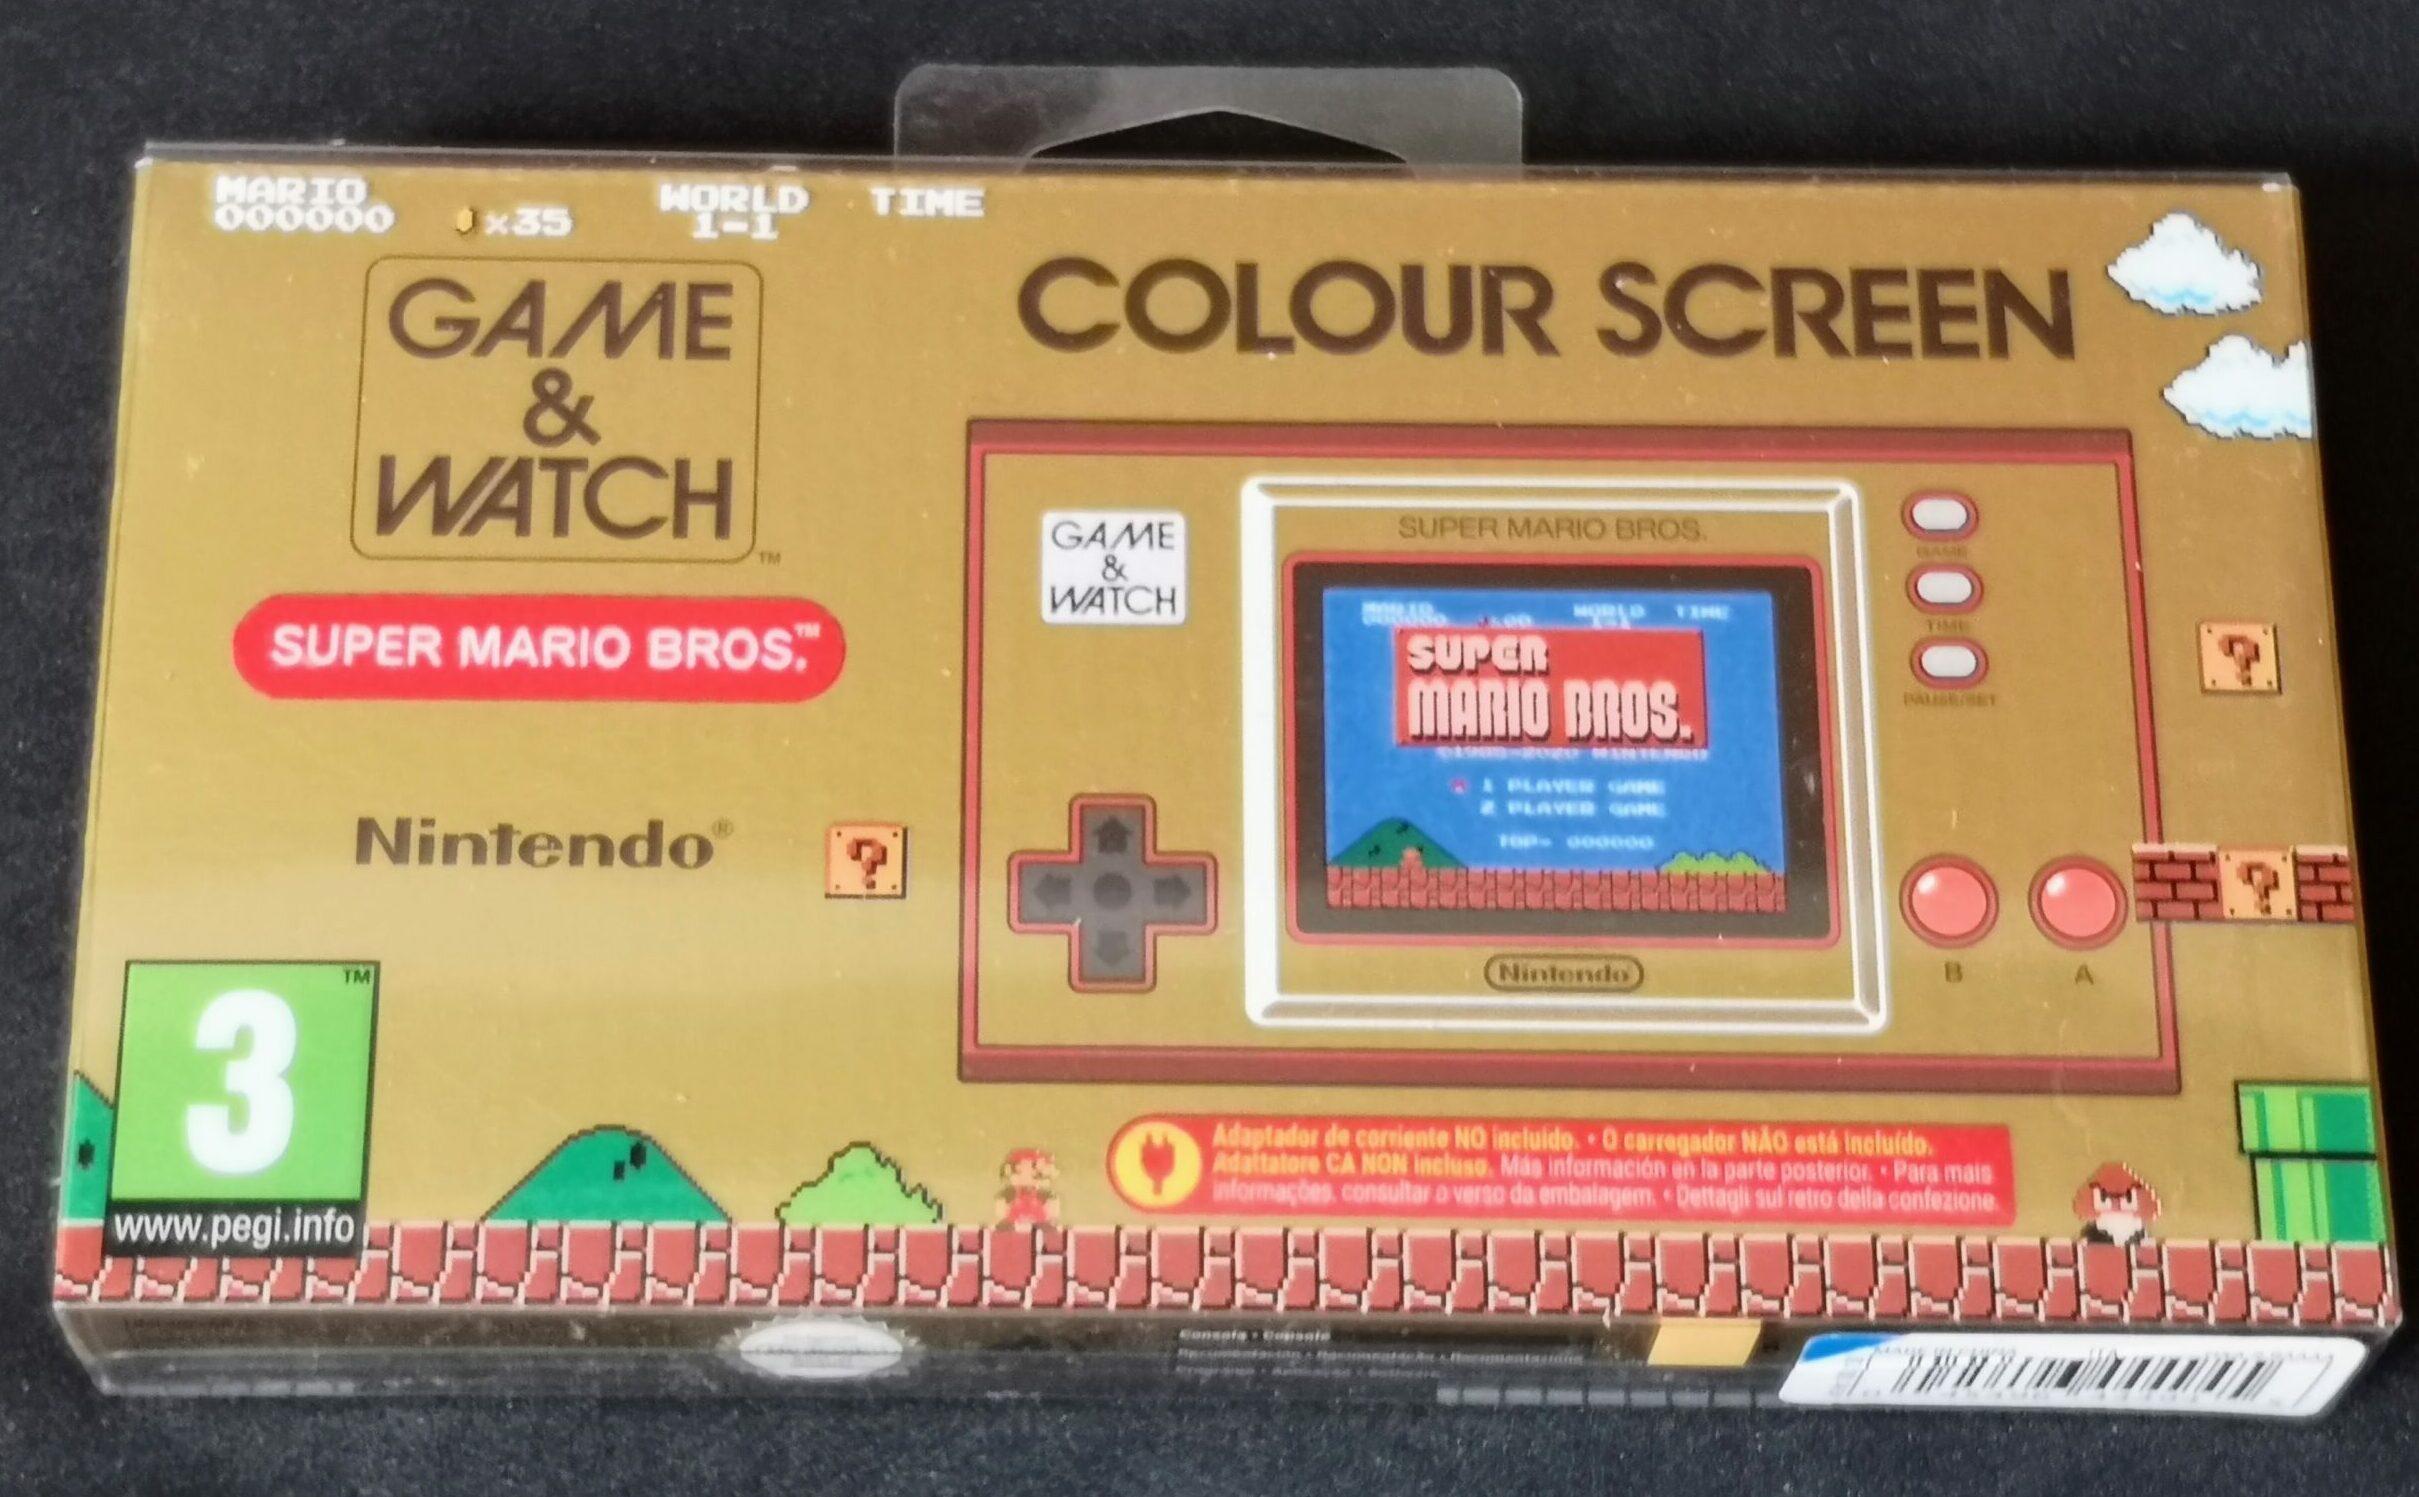 Game & Watch: Super Mario Bros. (nuovo), confezione frontale